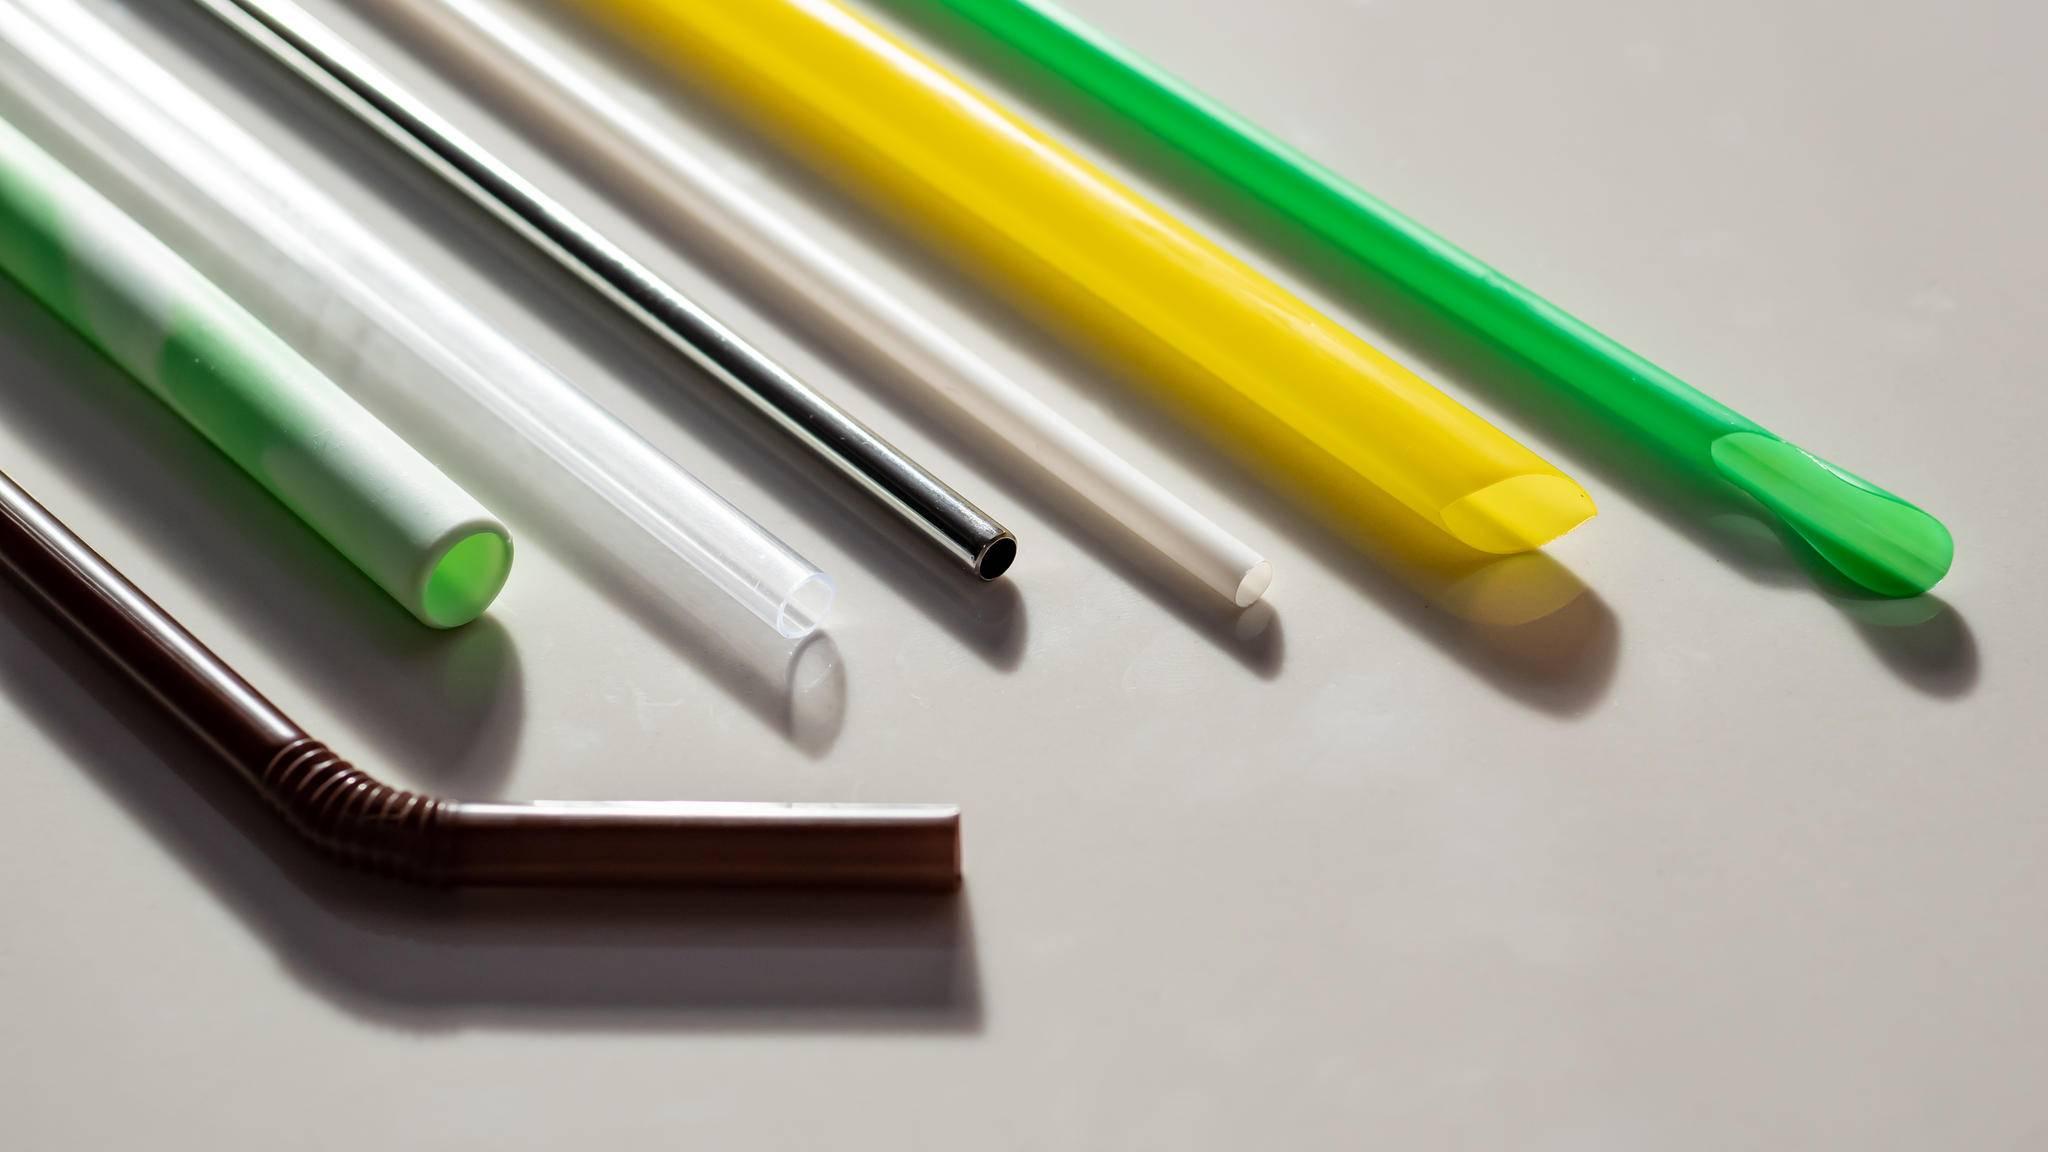 24 Bambus-Trinkhalme 220 mm mit Reinigungsbürste wiederverwendbar